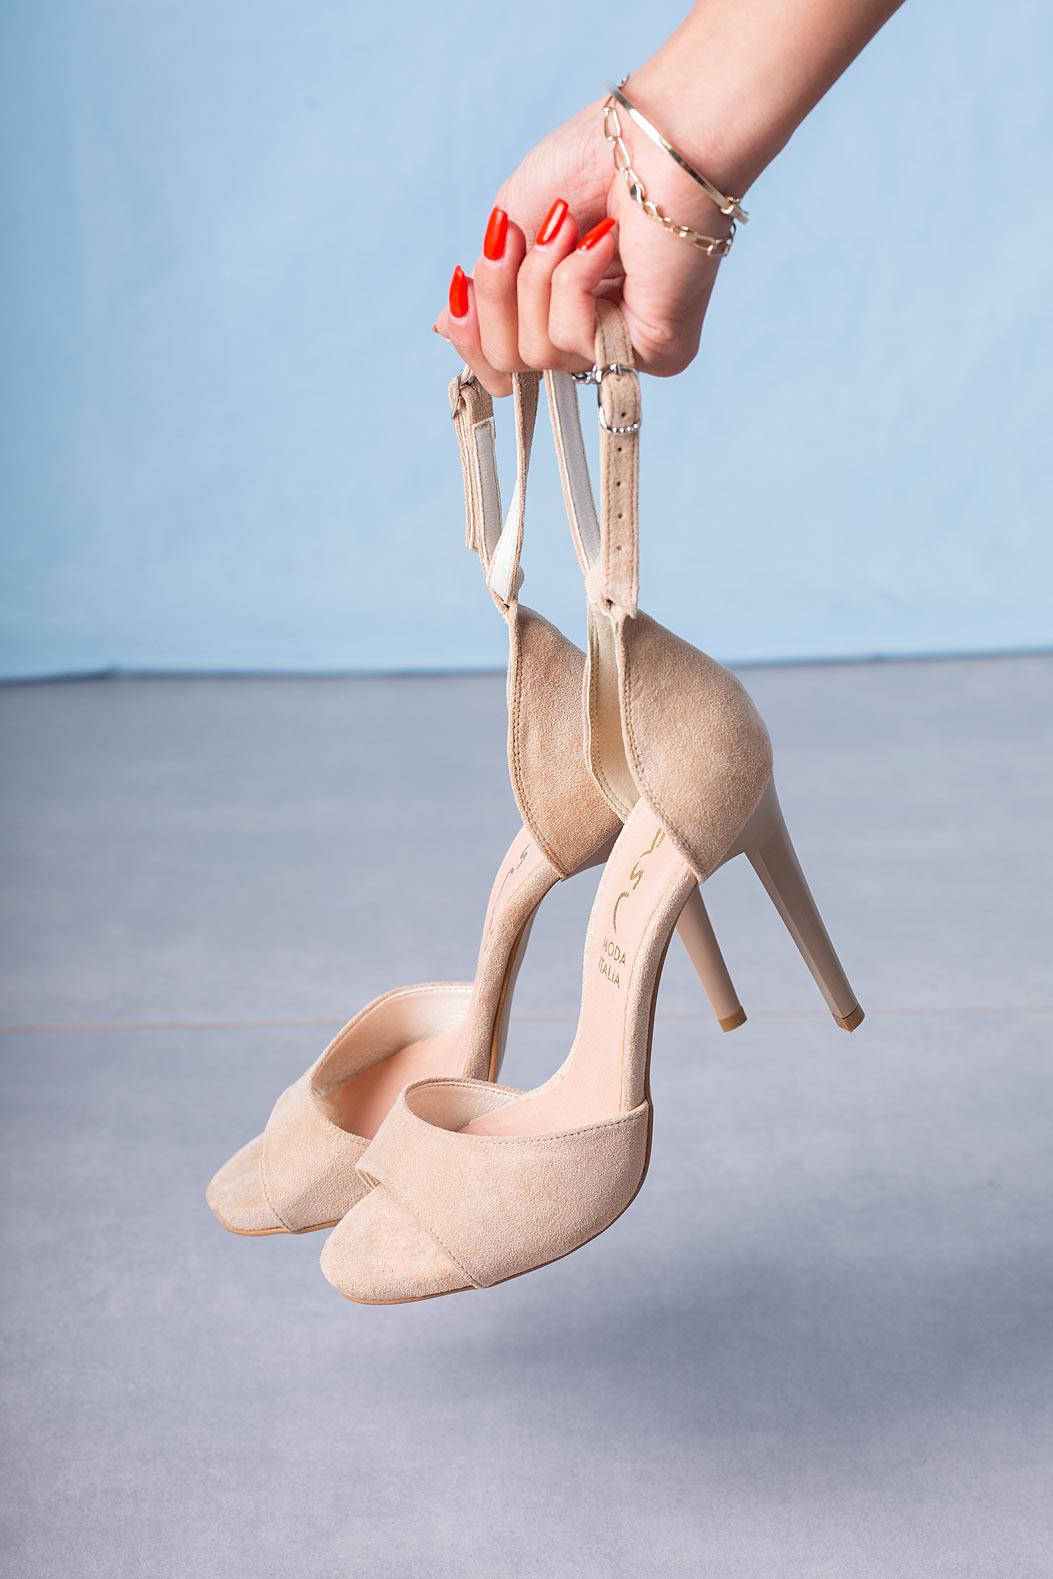 Beżowe sandały szpilki z zakrytą piętą i paskiem wokół kostki Casu 1590/1 kolor beżowy